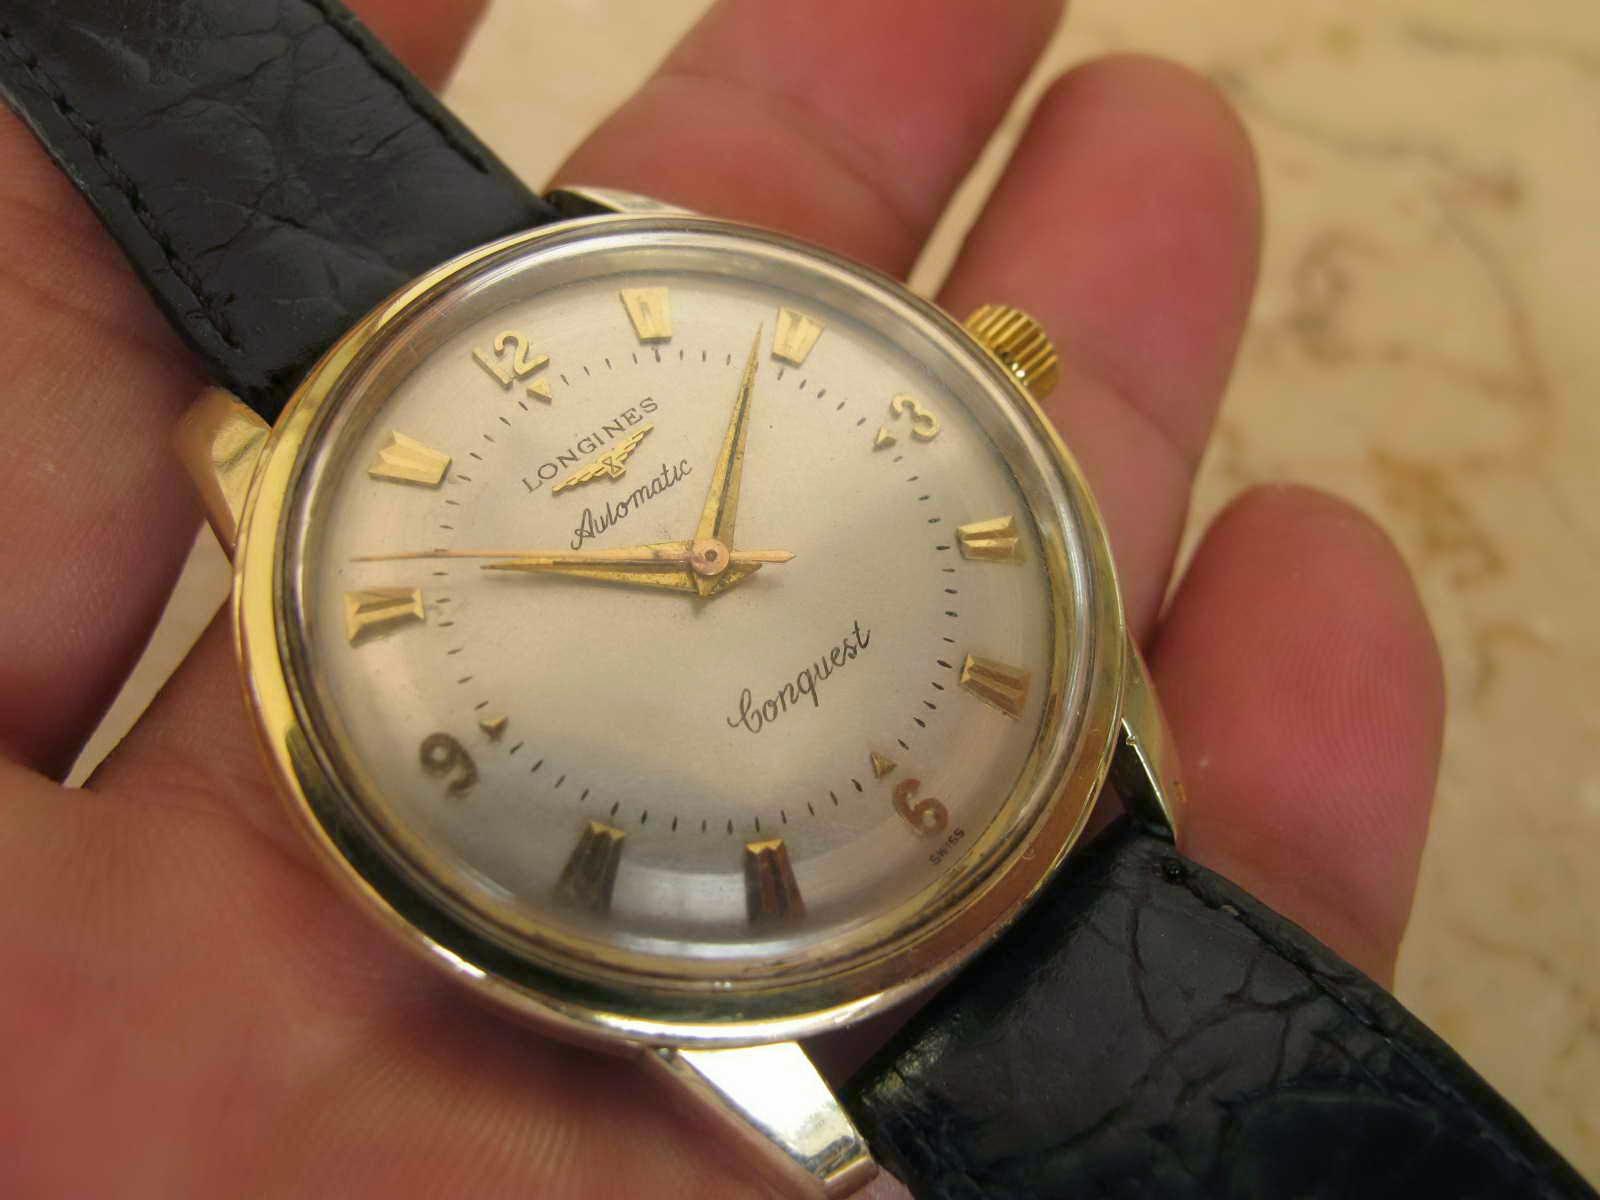 Panjang lug atas ke bawah 43 mm Tebal case 12 mm dan lebar lug 18 mm Cocok untuk Anda yang sedang mencari jam tangan Swiss made cantik